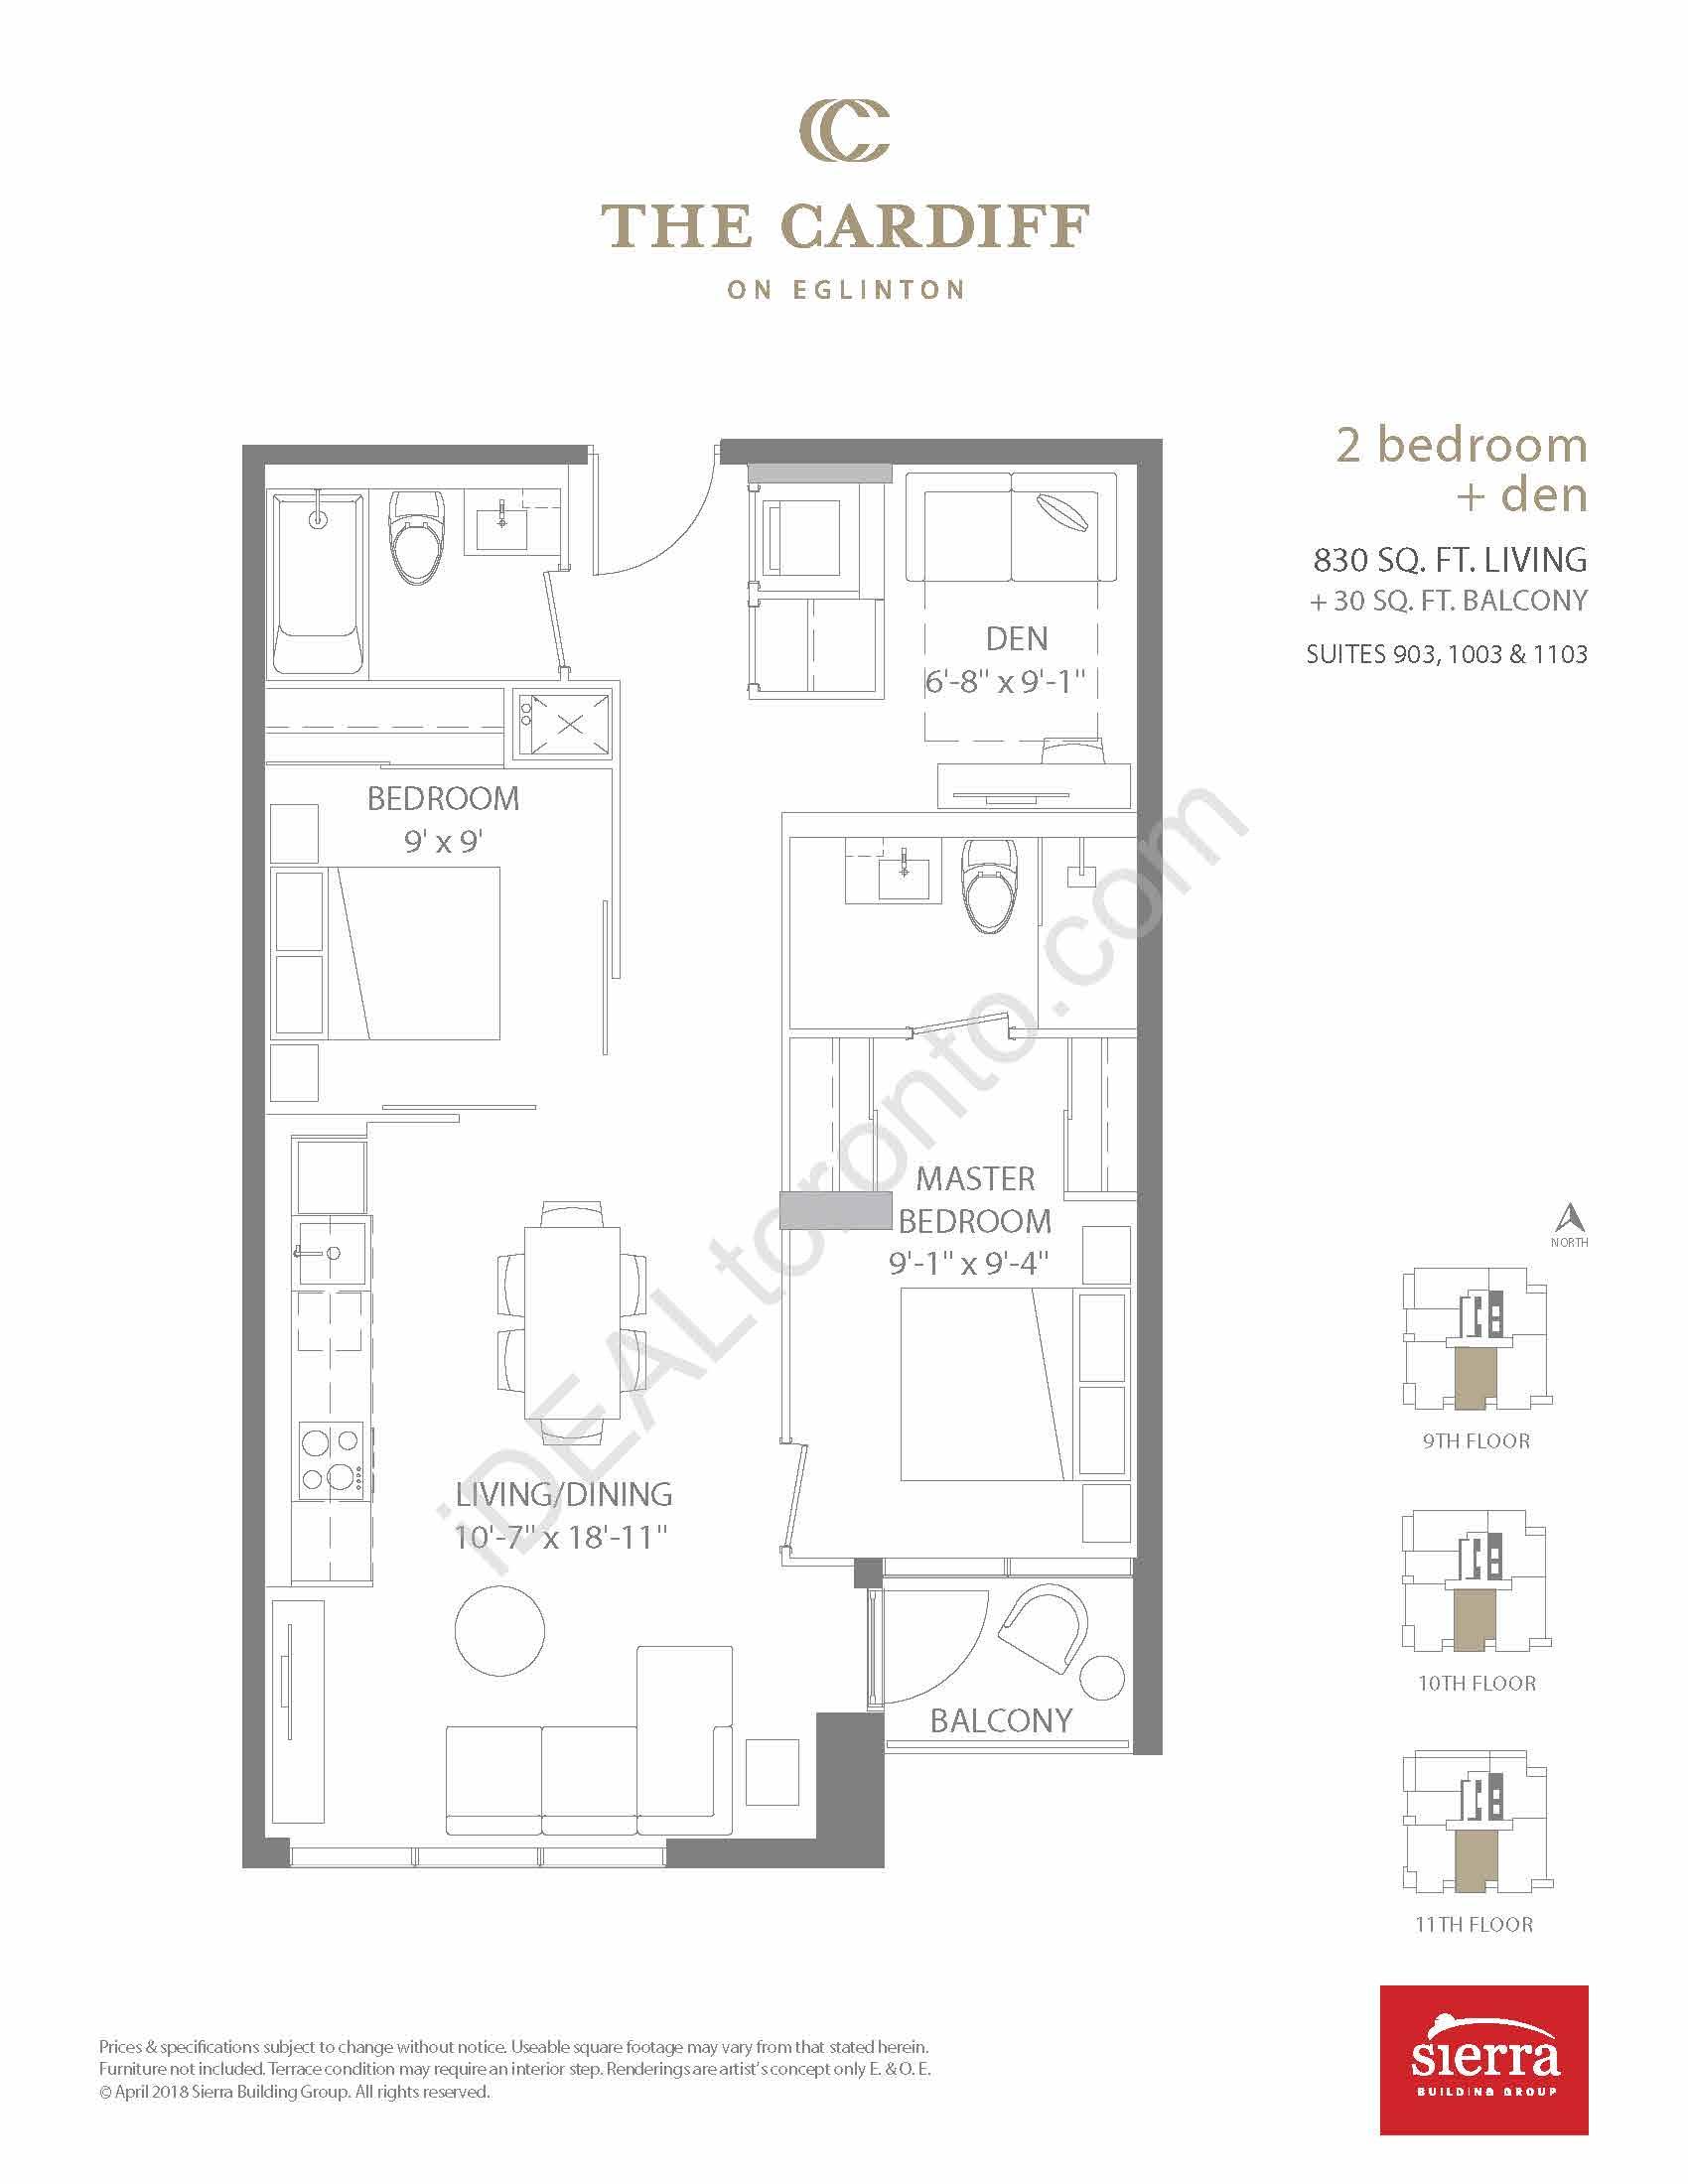 2 Bedroom + Den + Balcony